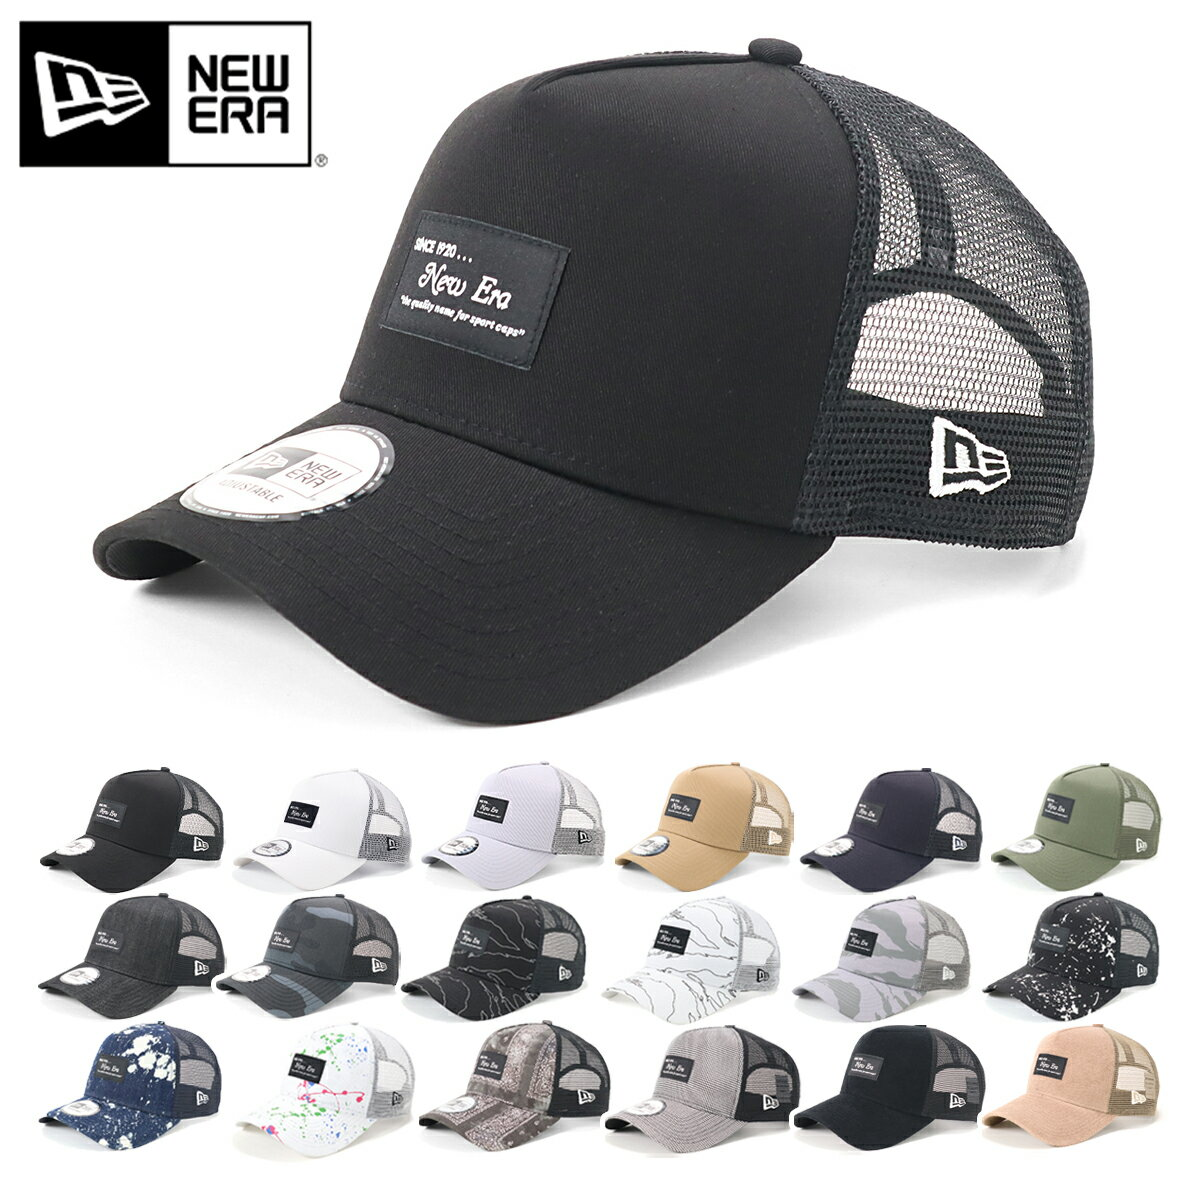 メンズ帽子, キャップ  NEW ERA 9FORTY A-FRAME TRUCKER ONSPOTZ